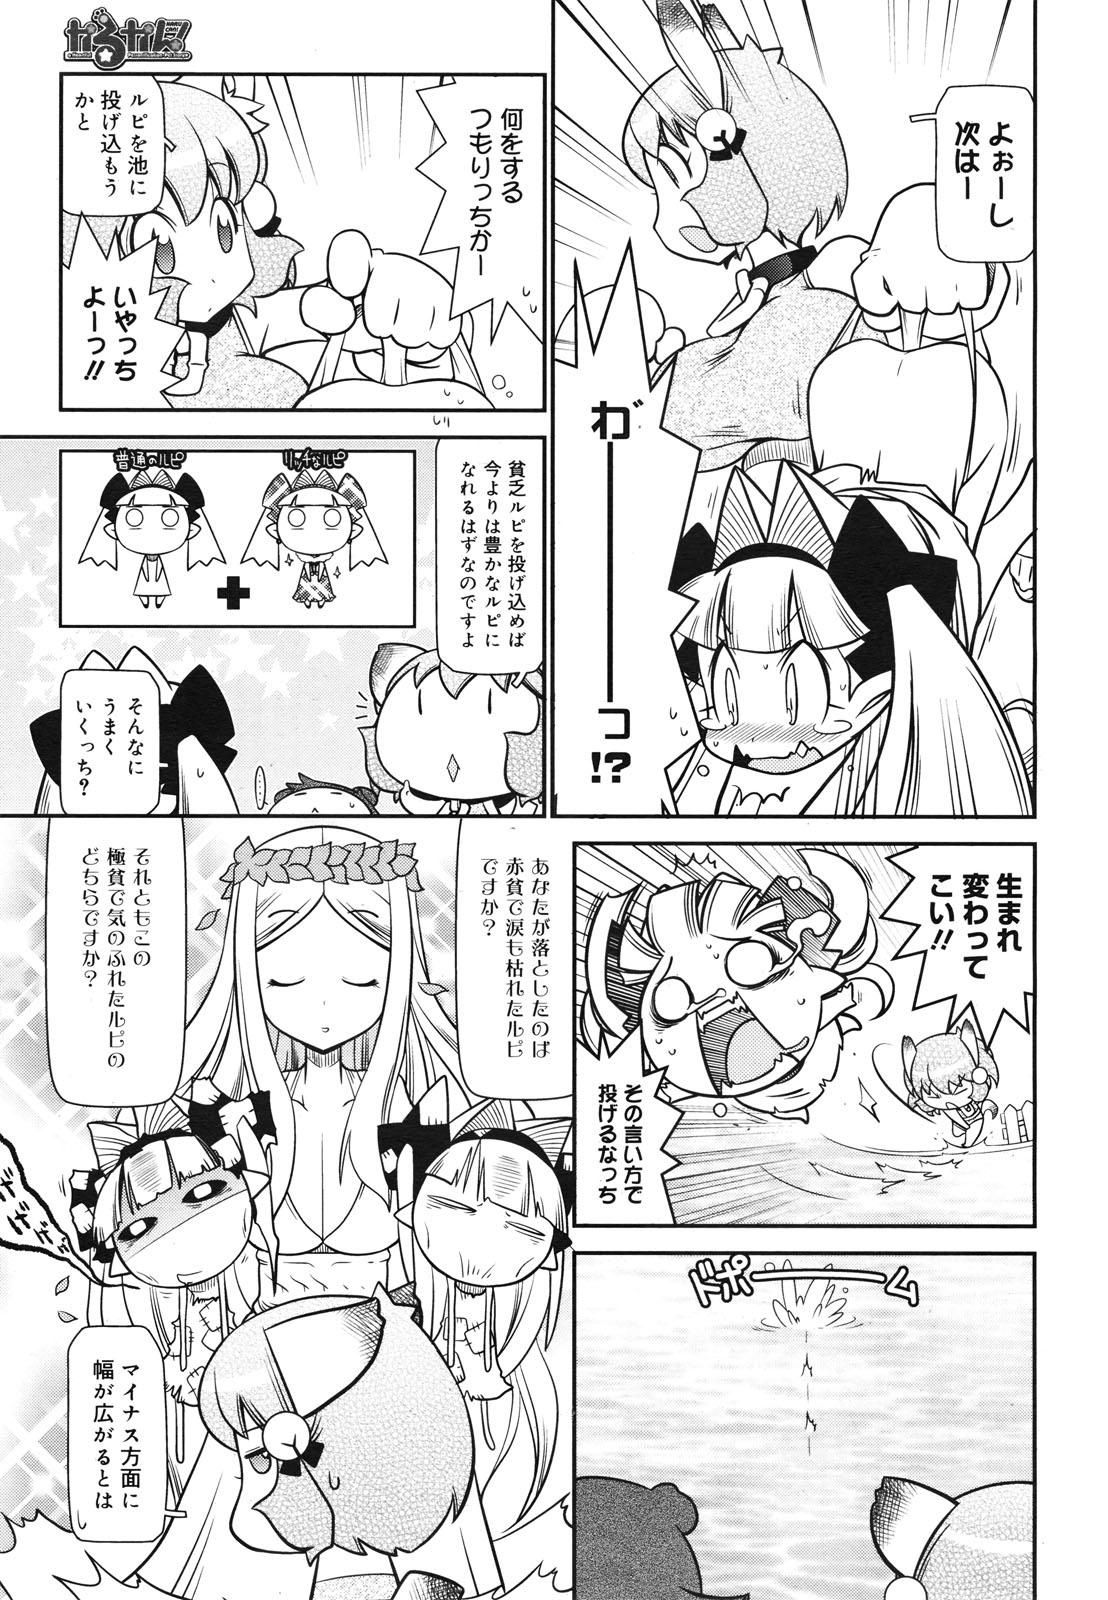 COMIC 0EX Vol. 28 2010-04 378